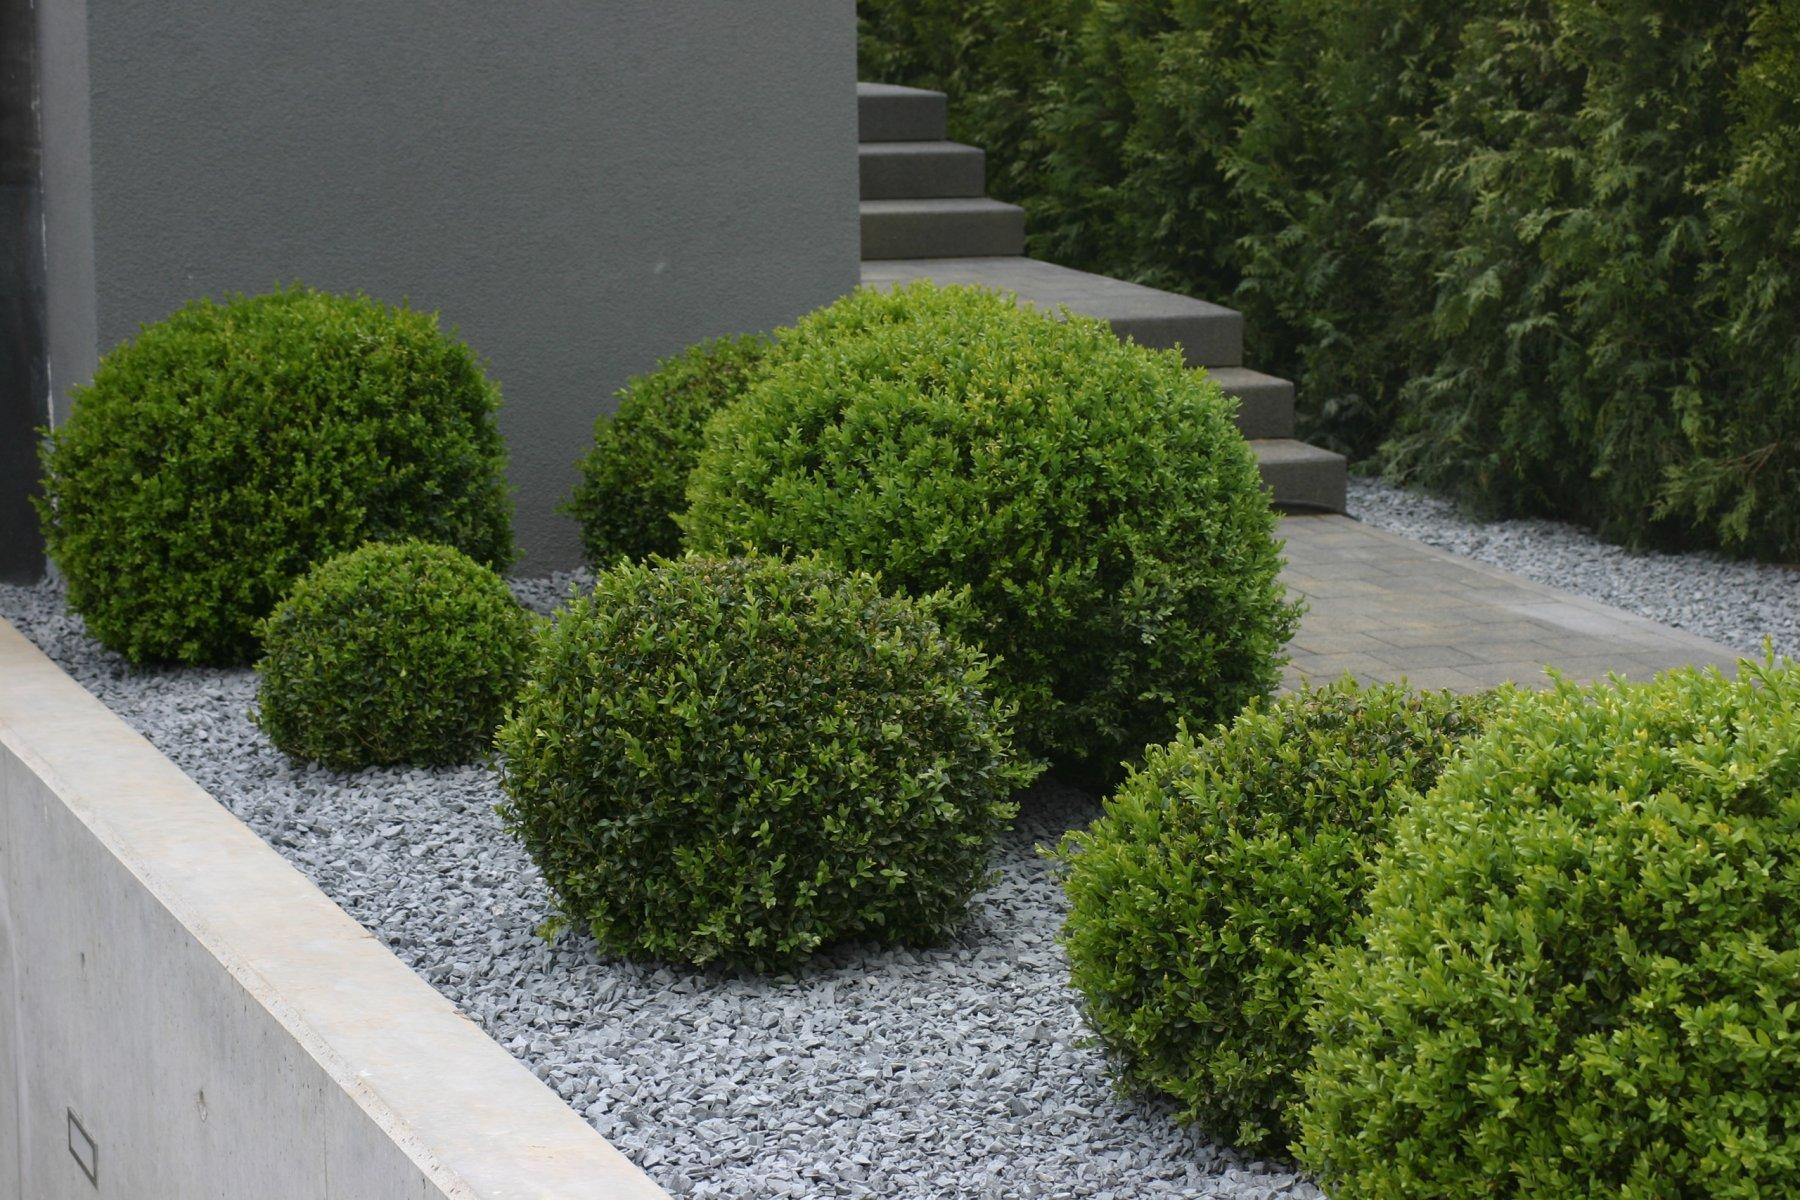 Jardin-Bridel-1800x1200 Meilleur De De Boule Deco Jardin Des Idées